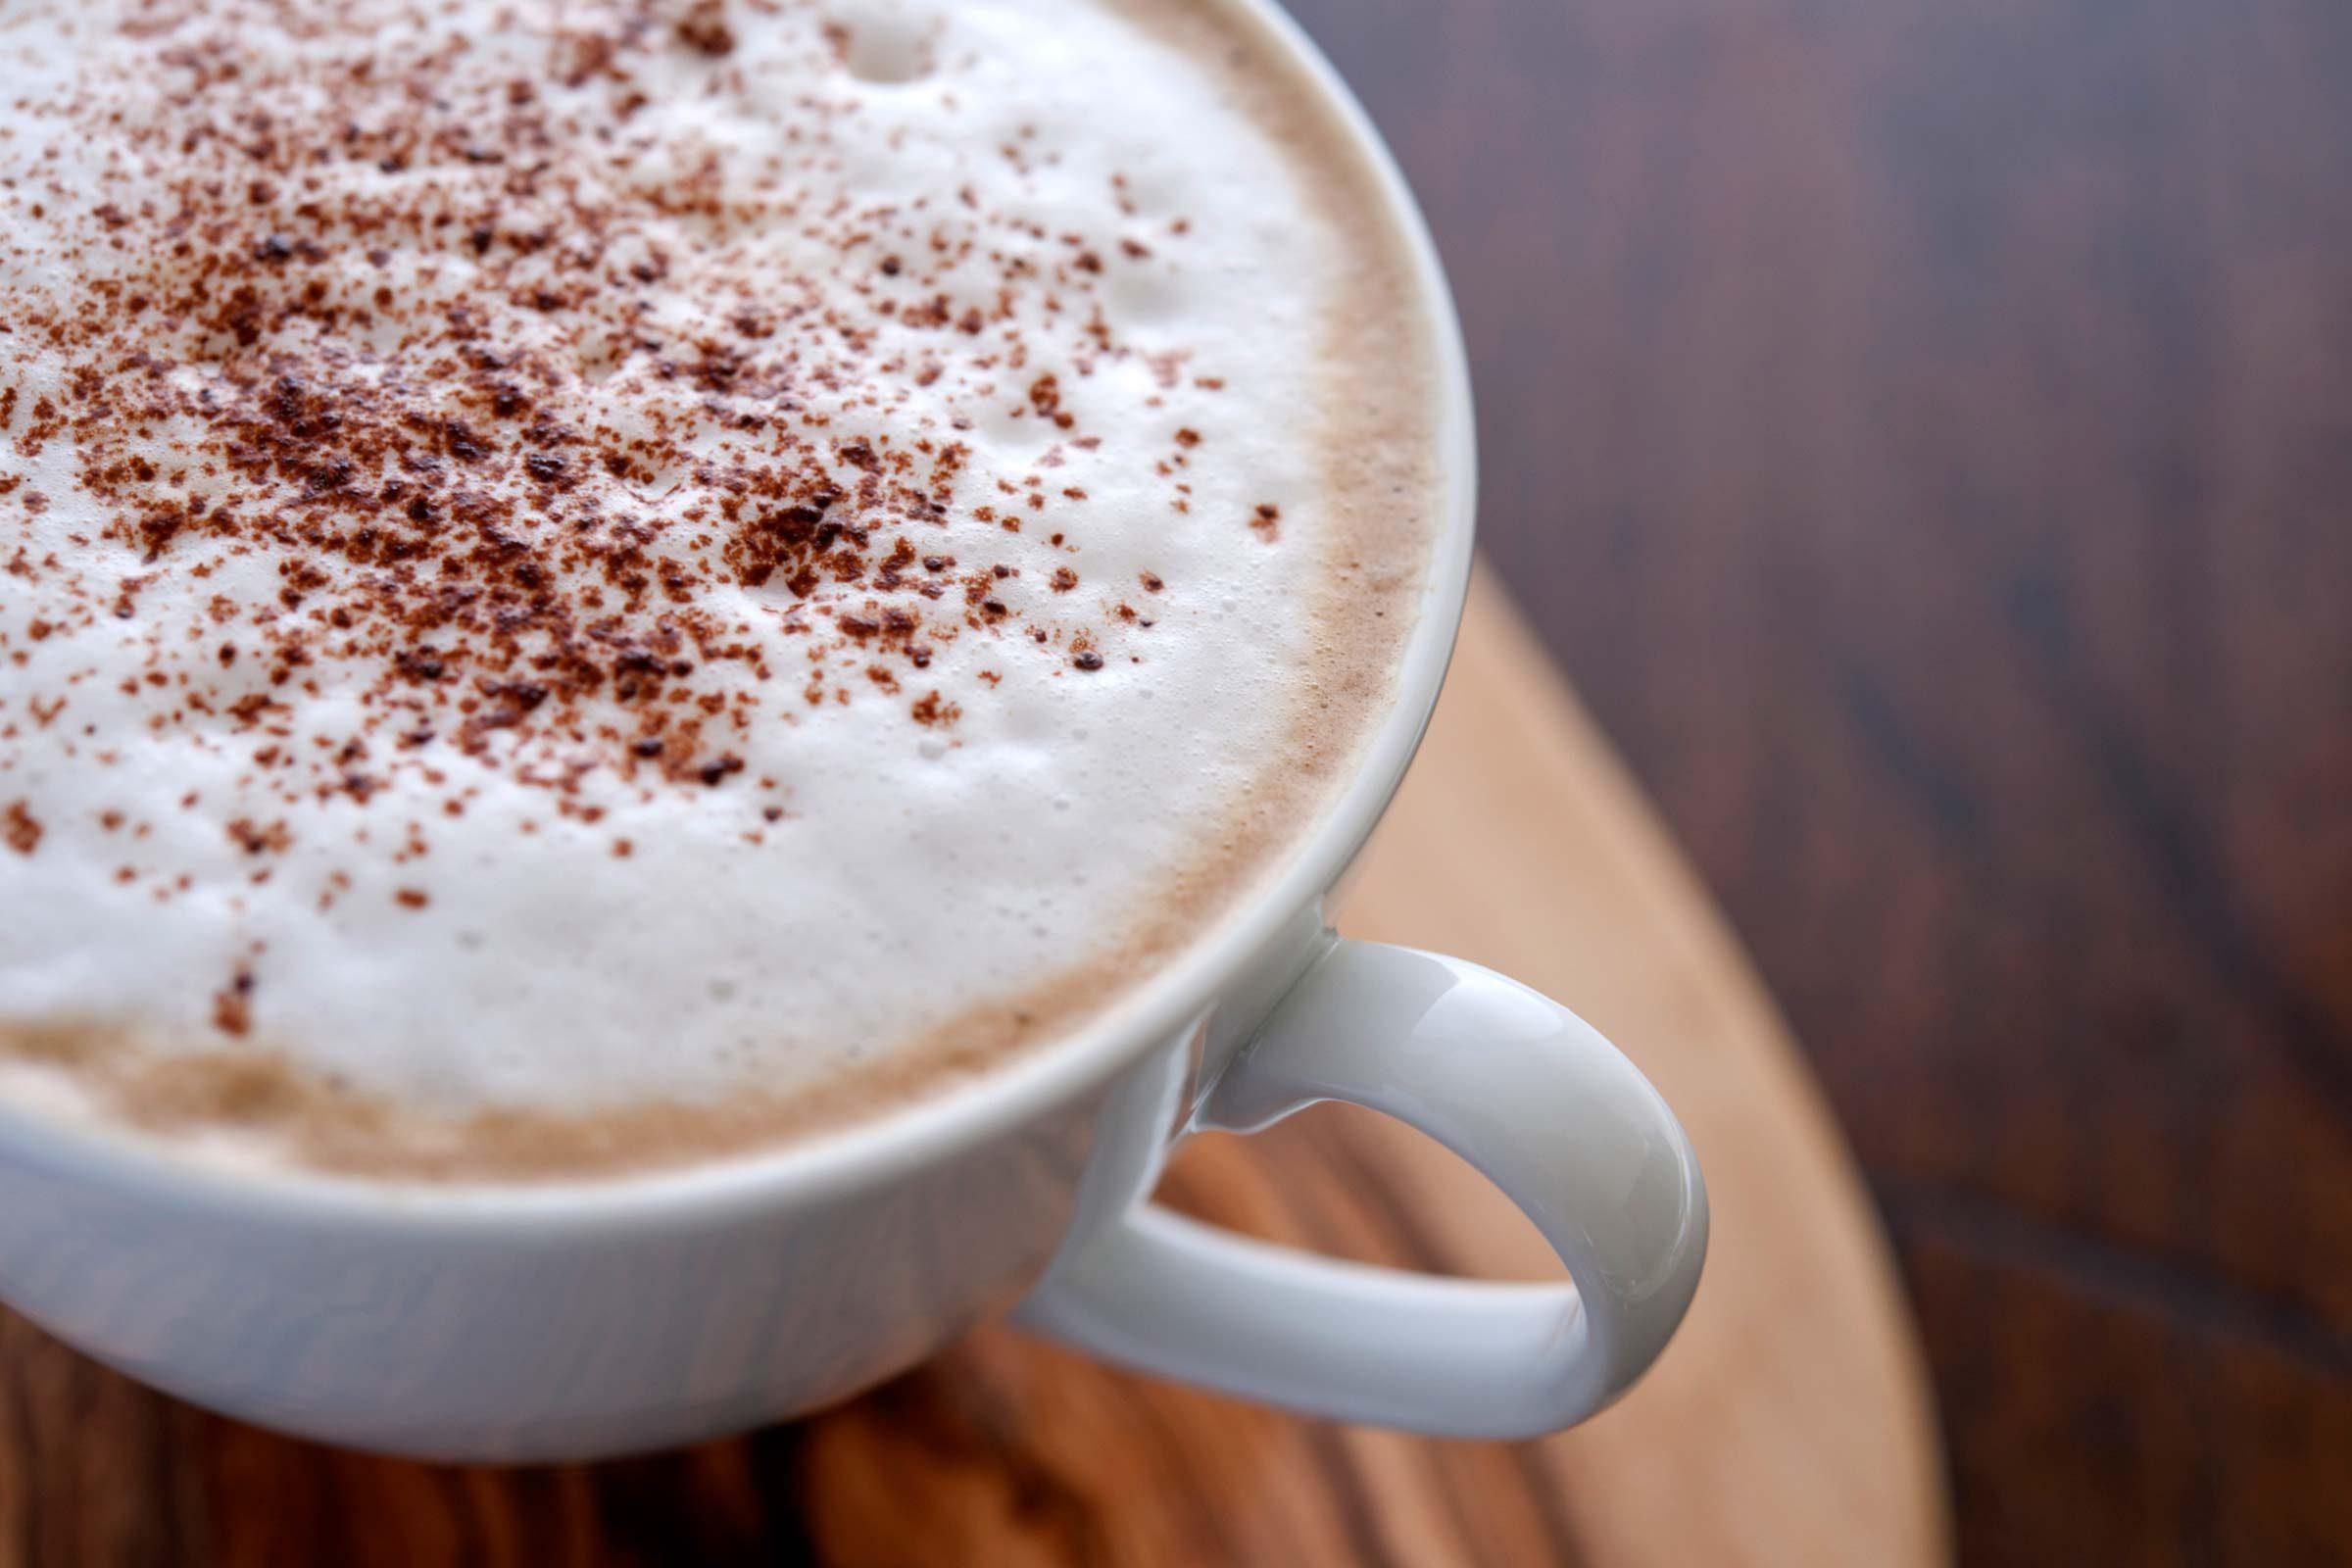 mug filled with hot liquid